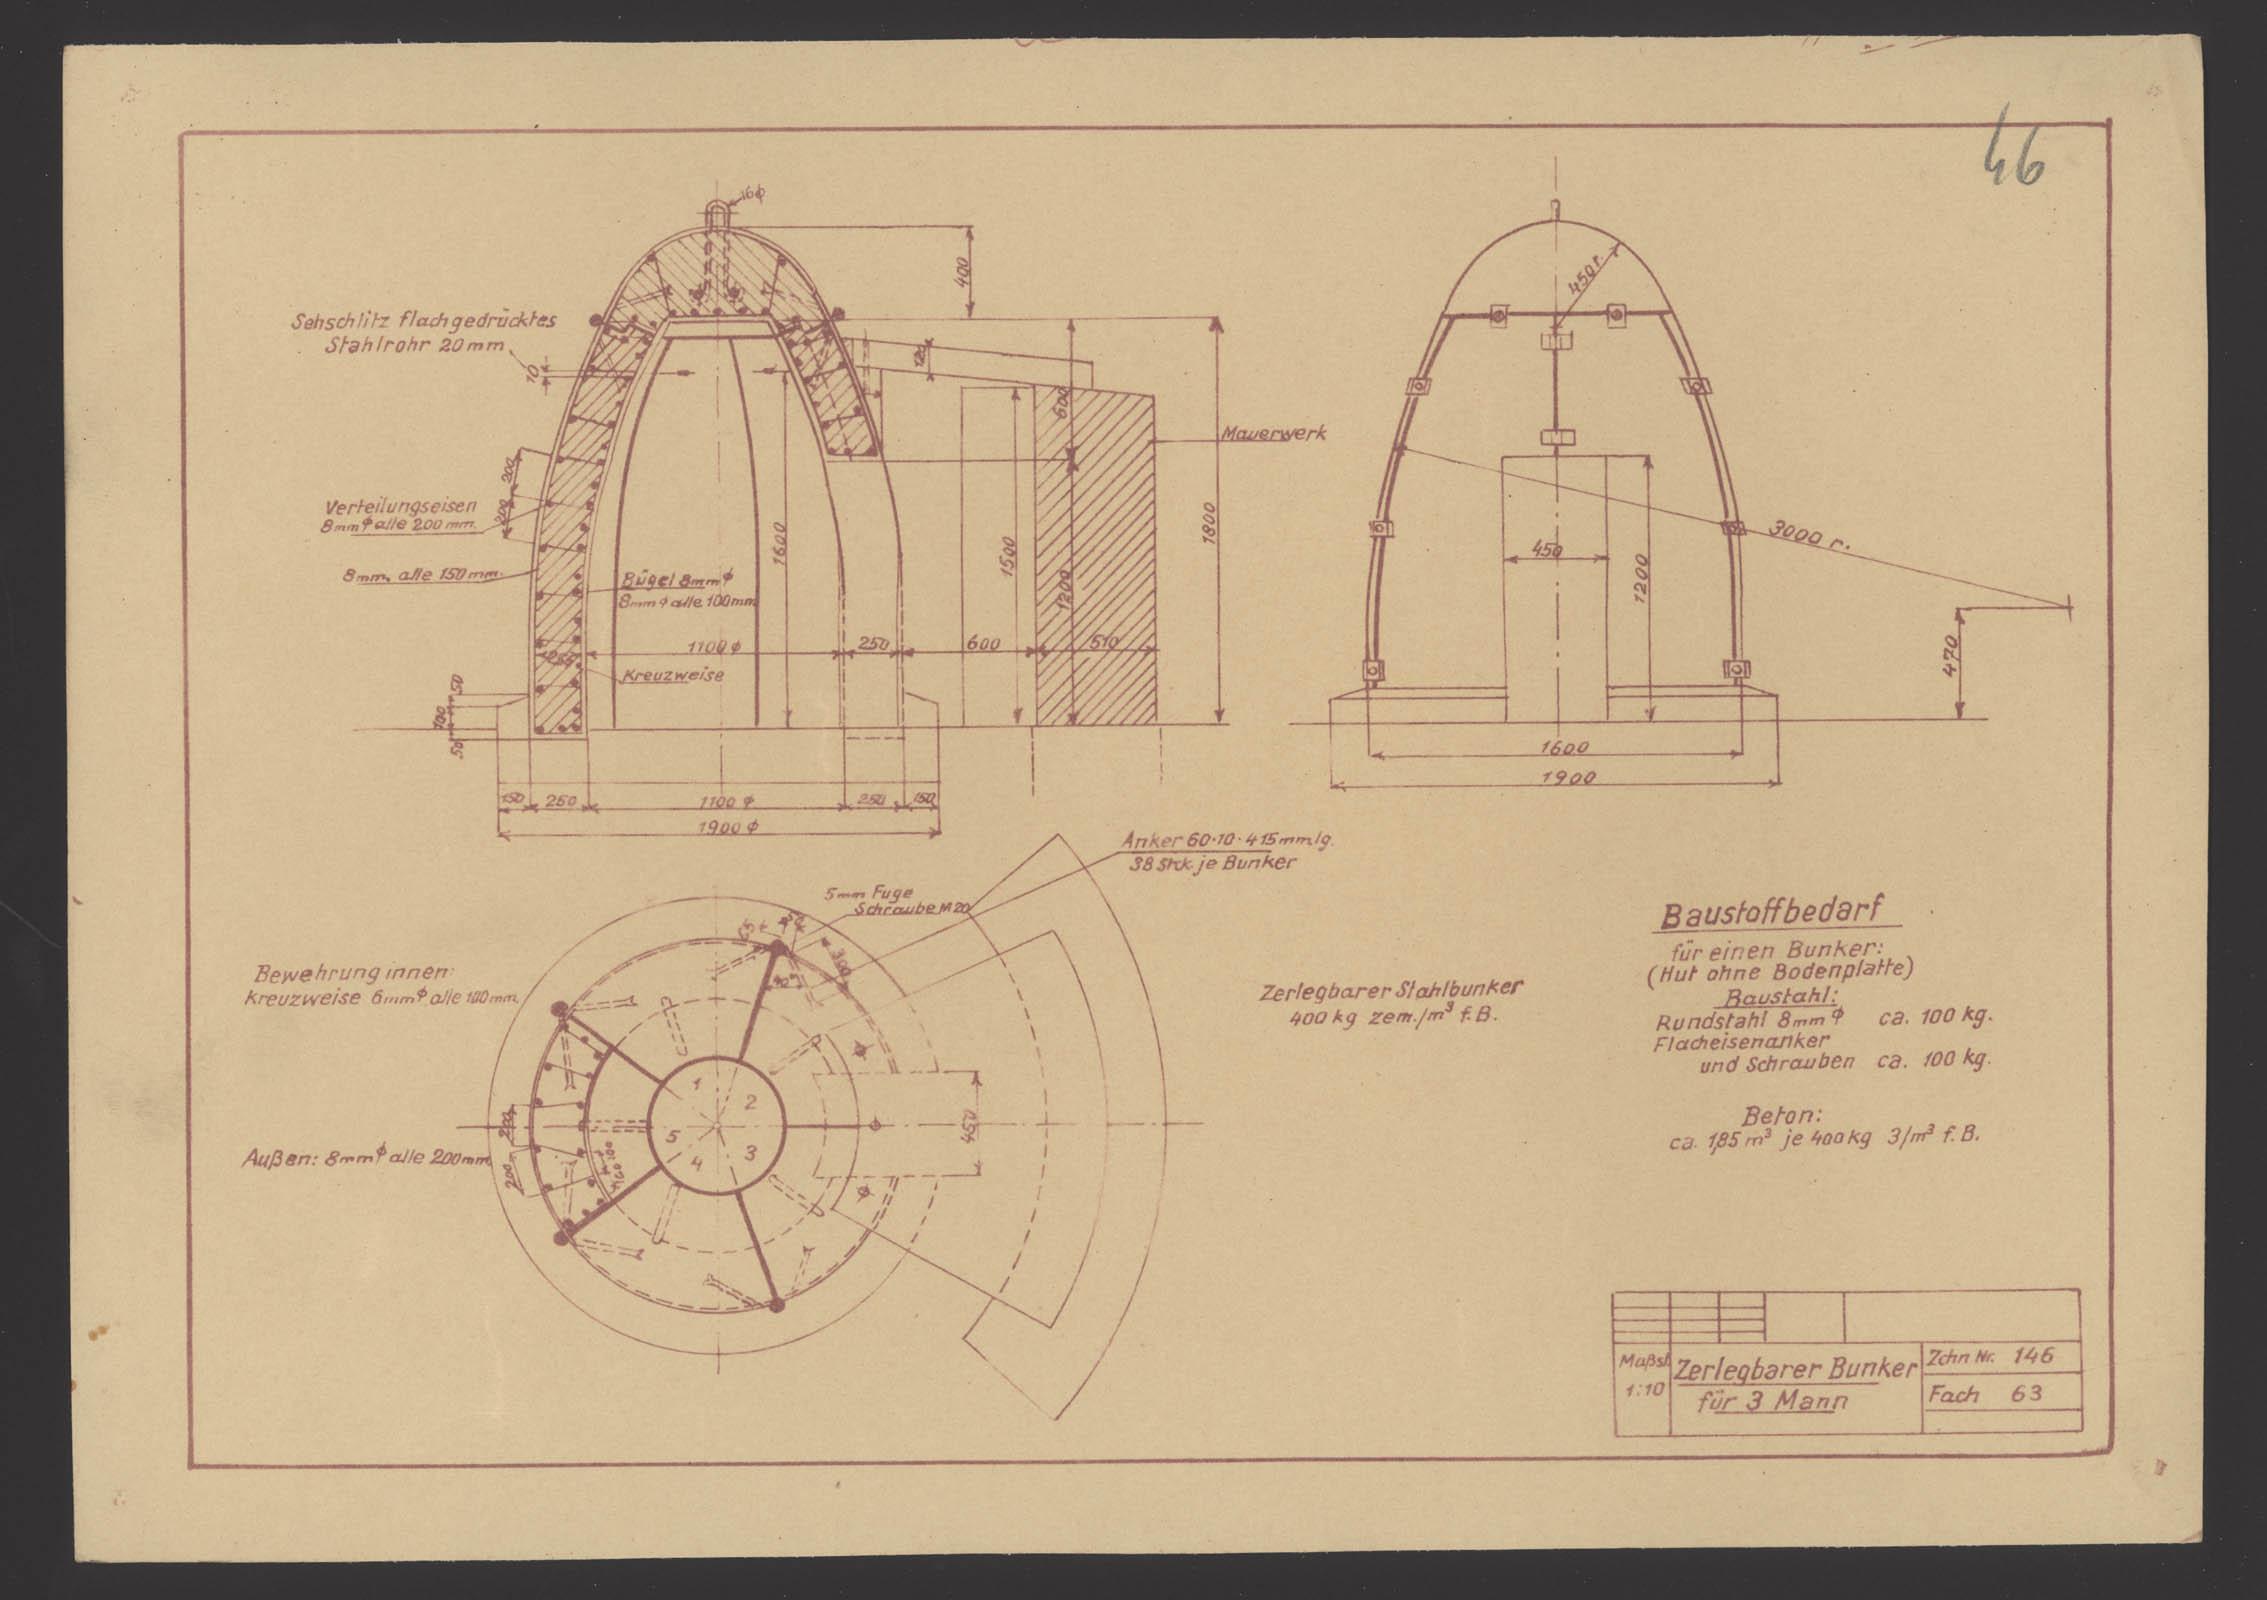 Zerlegbarer Bunker for 3 men. State Archive Katowice